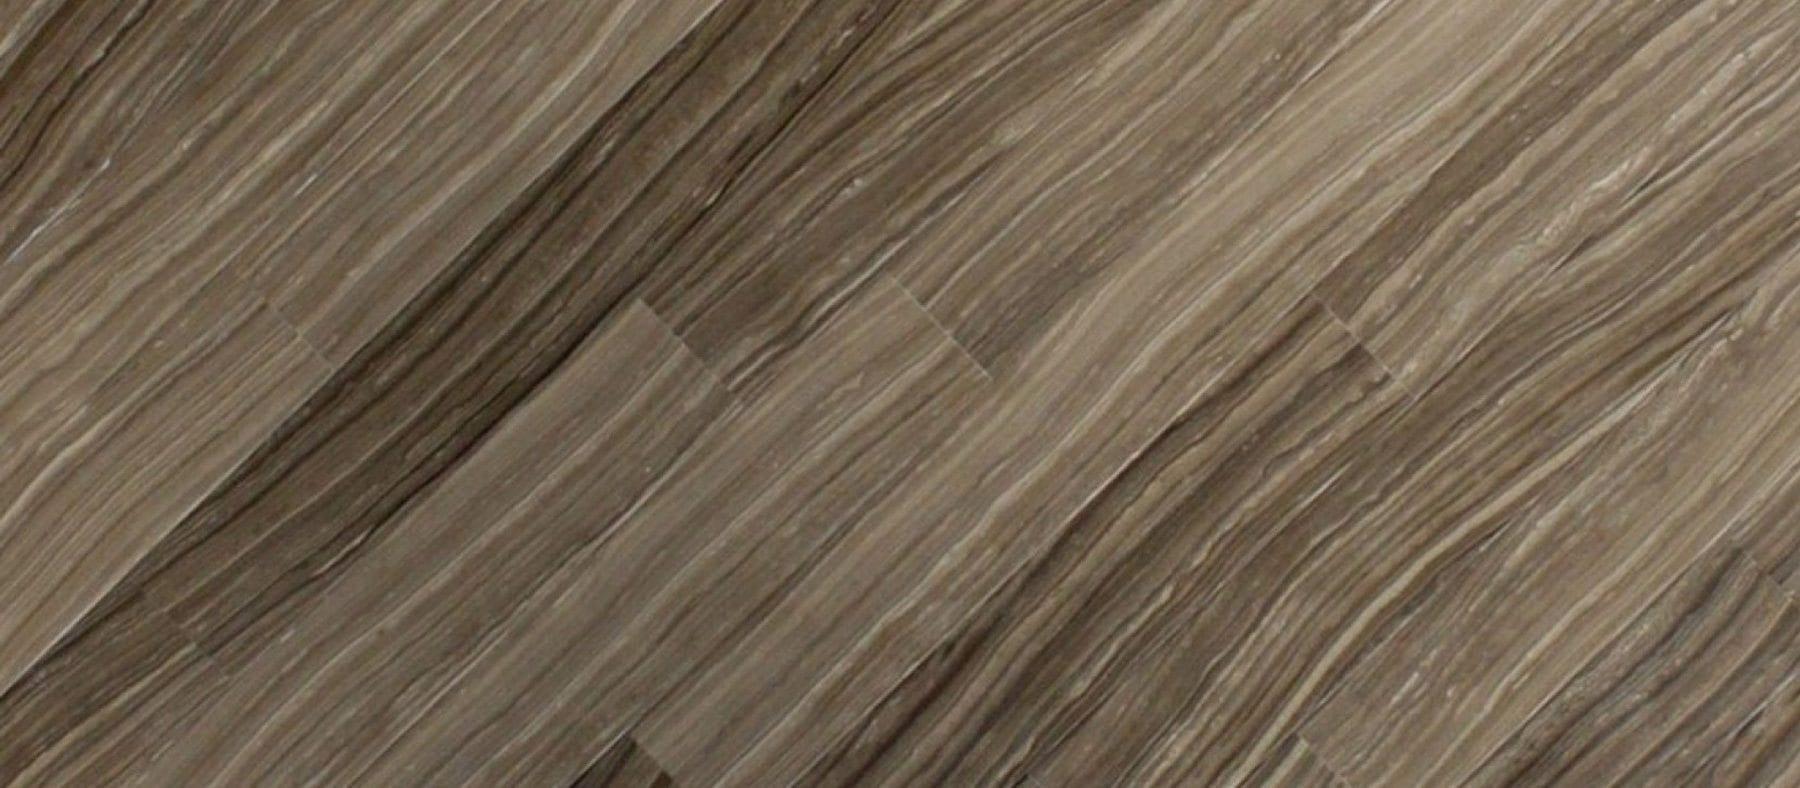 woodstone_verlege_optik